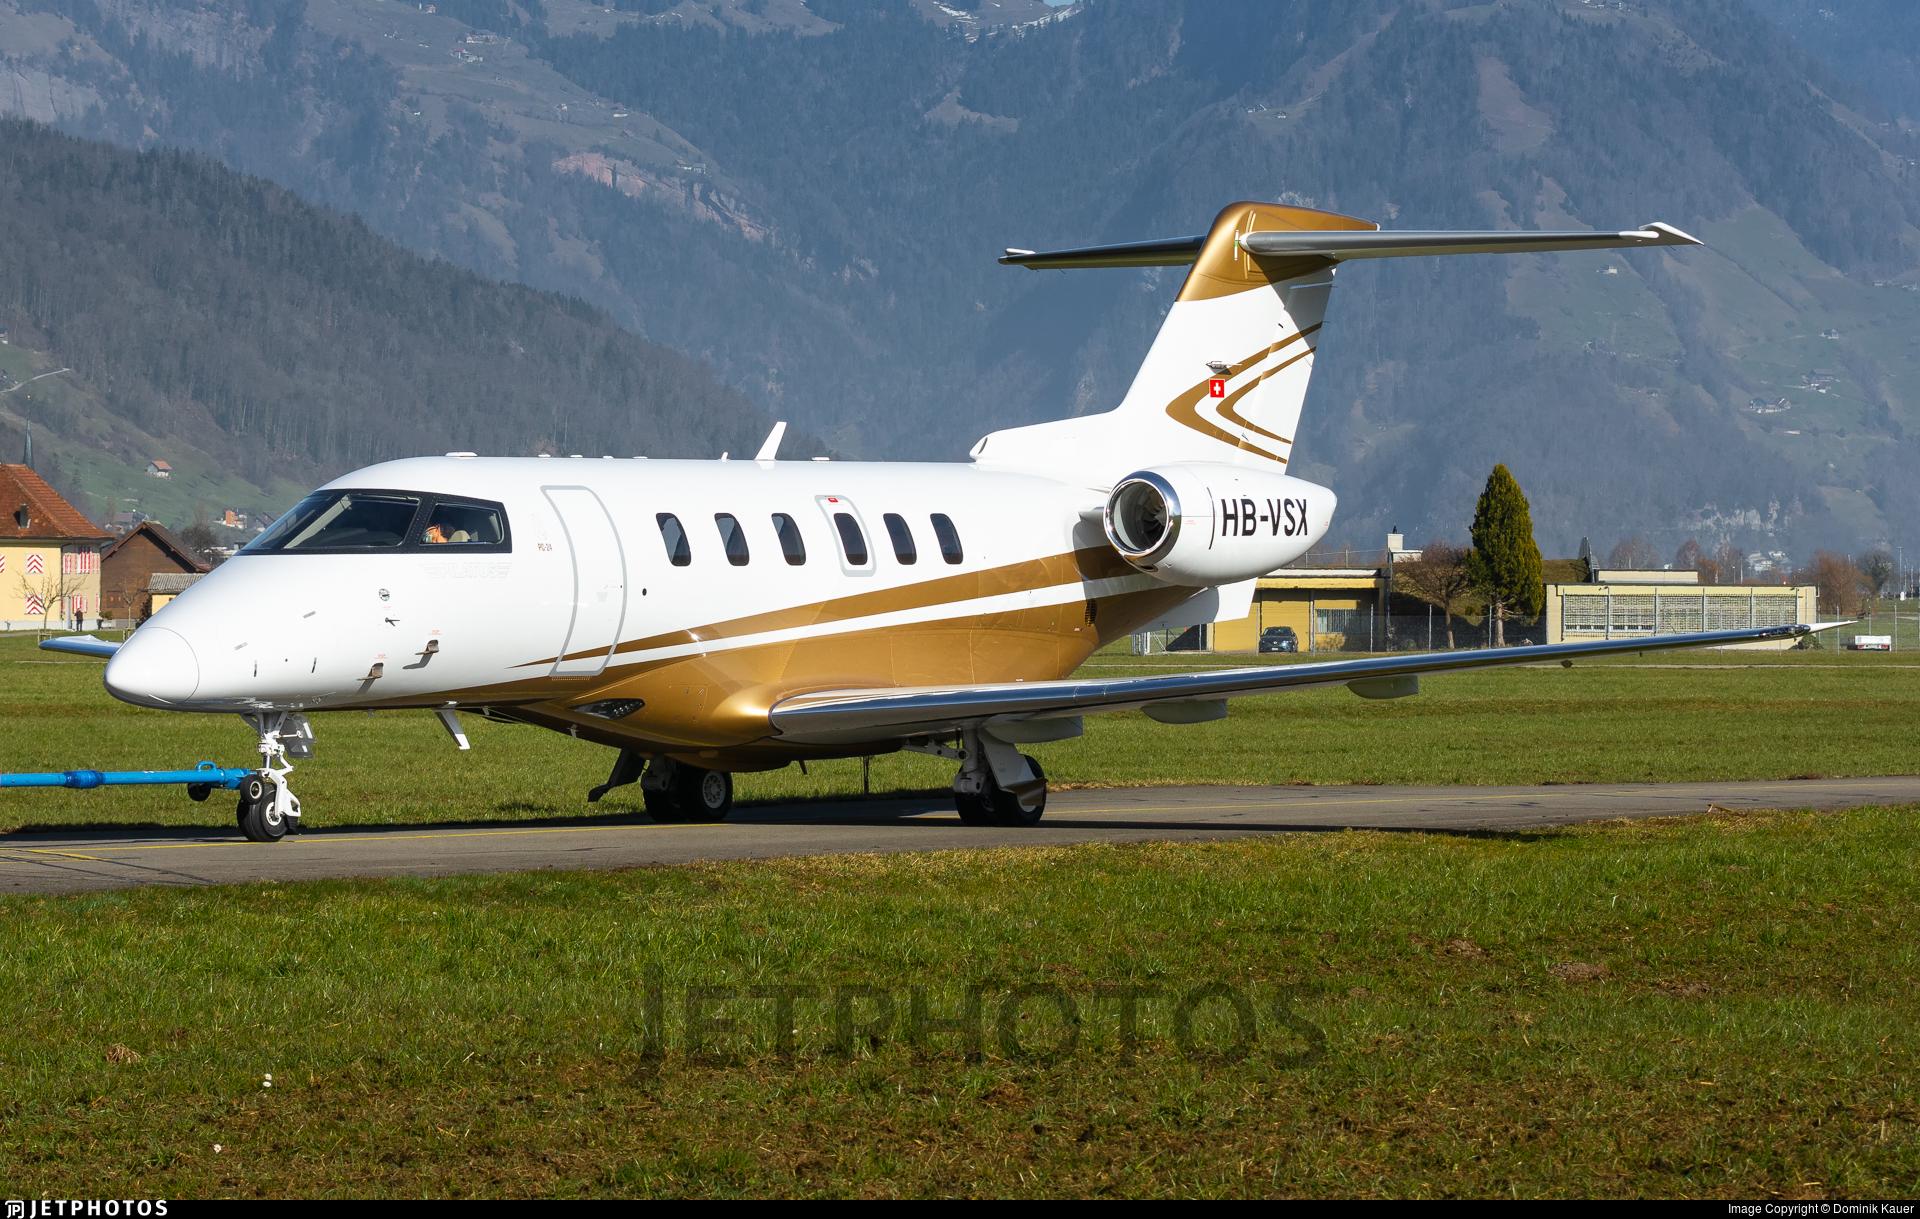 HB-VSX - Pilatus PC-24 - Private